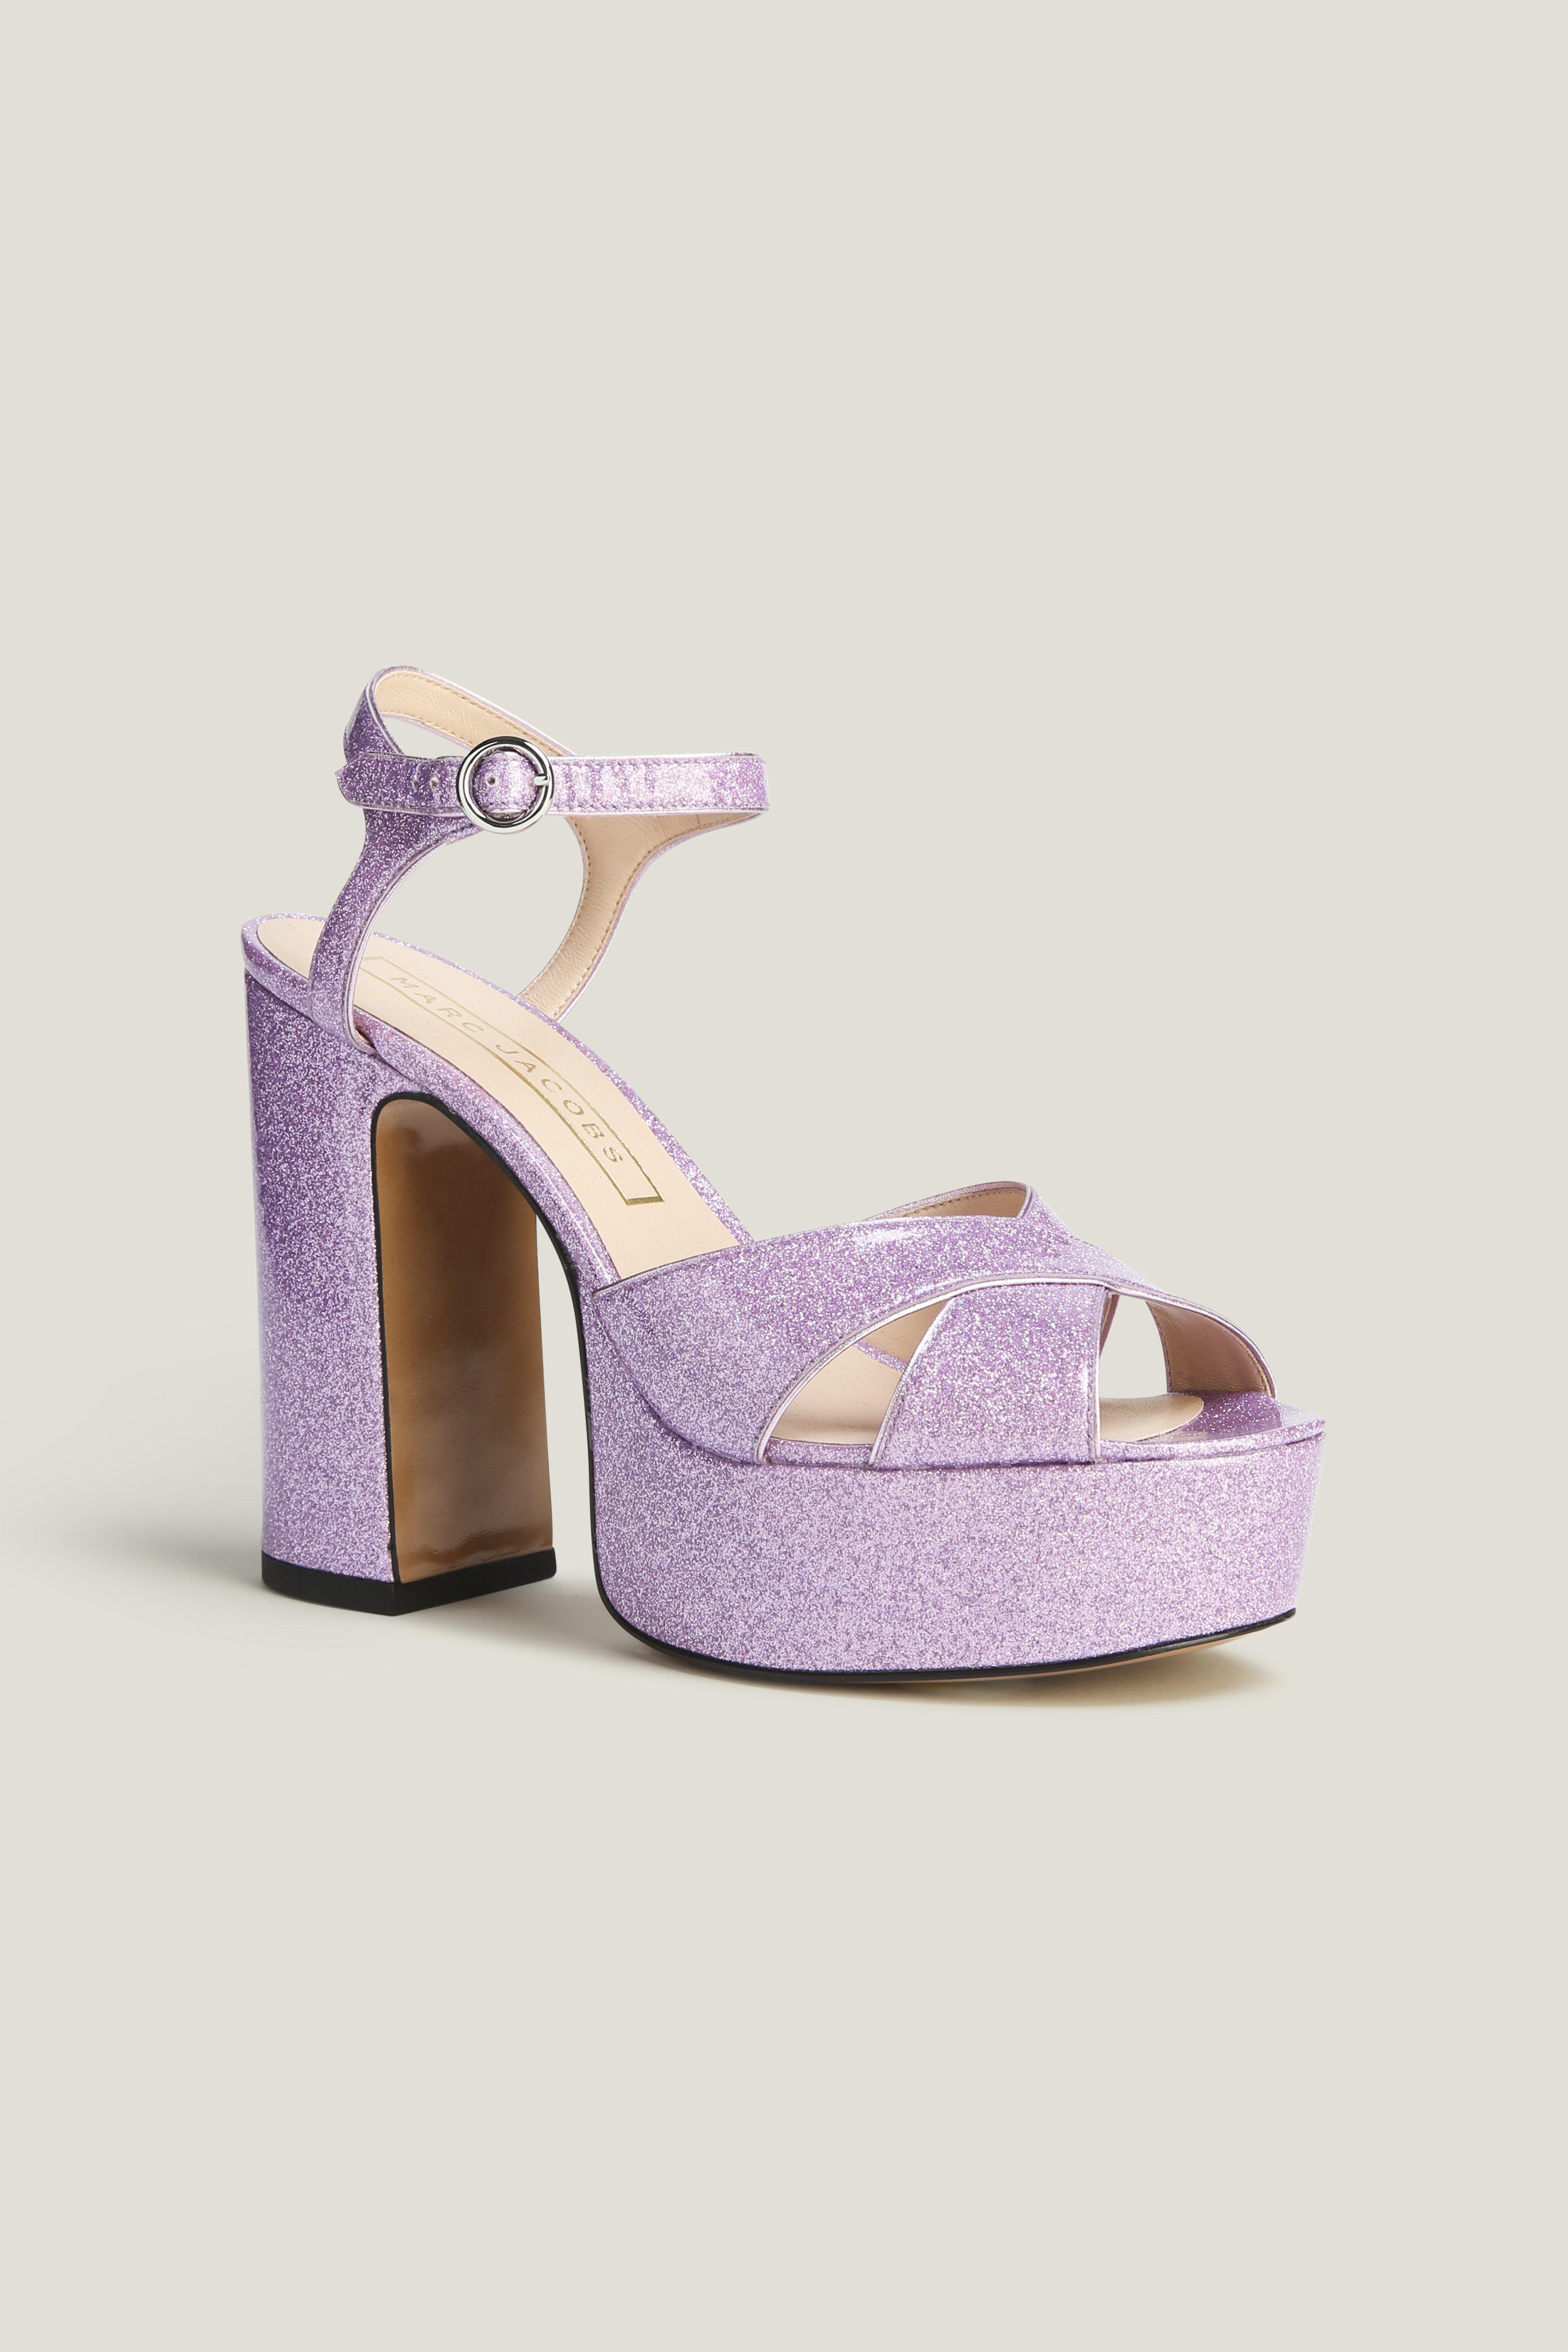 Marc Jacobs Lust Platform Sandal In Lilac